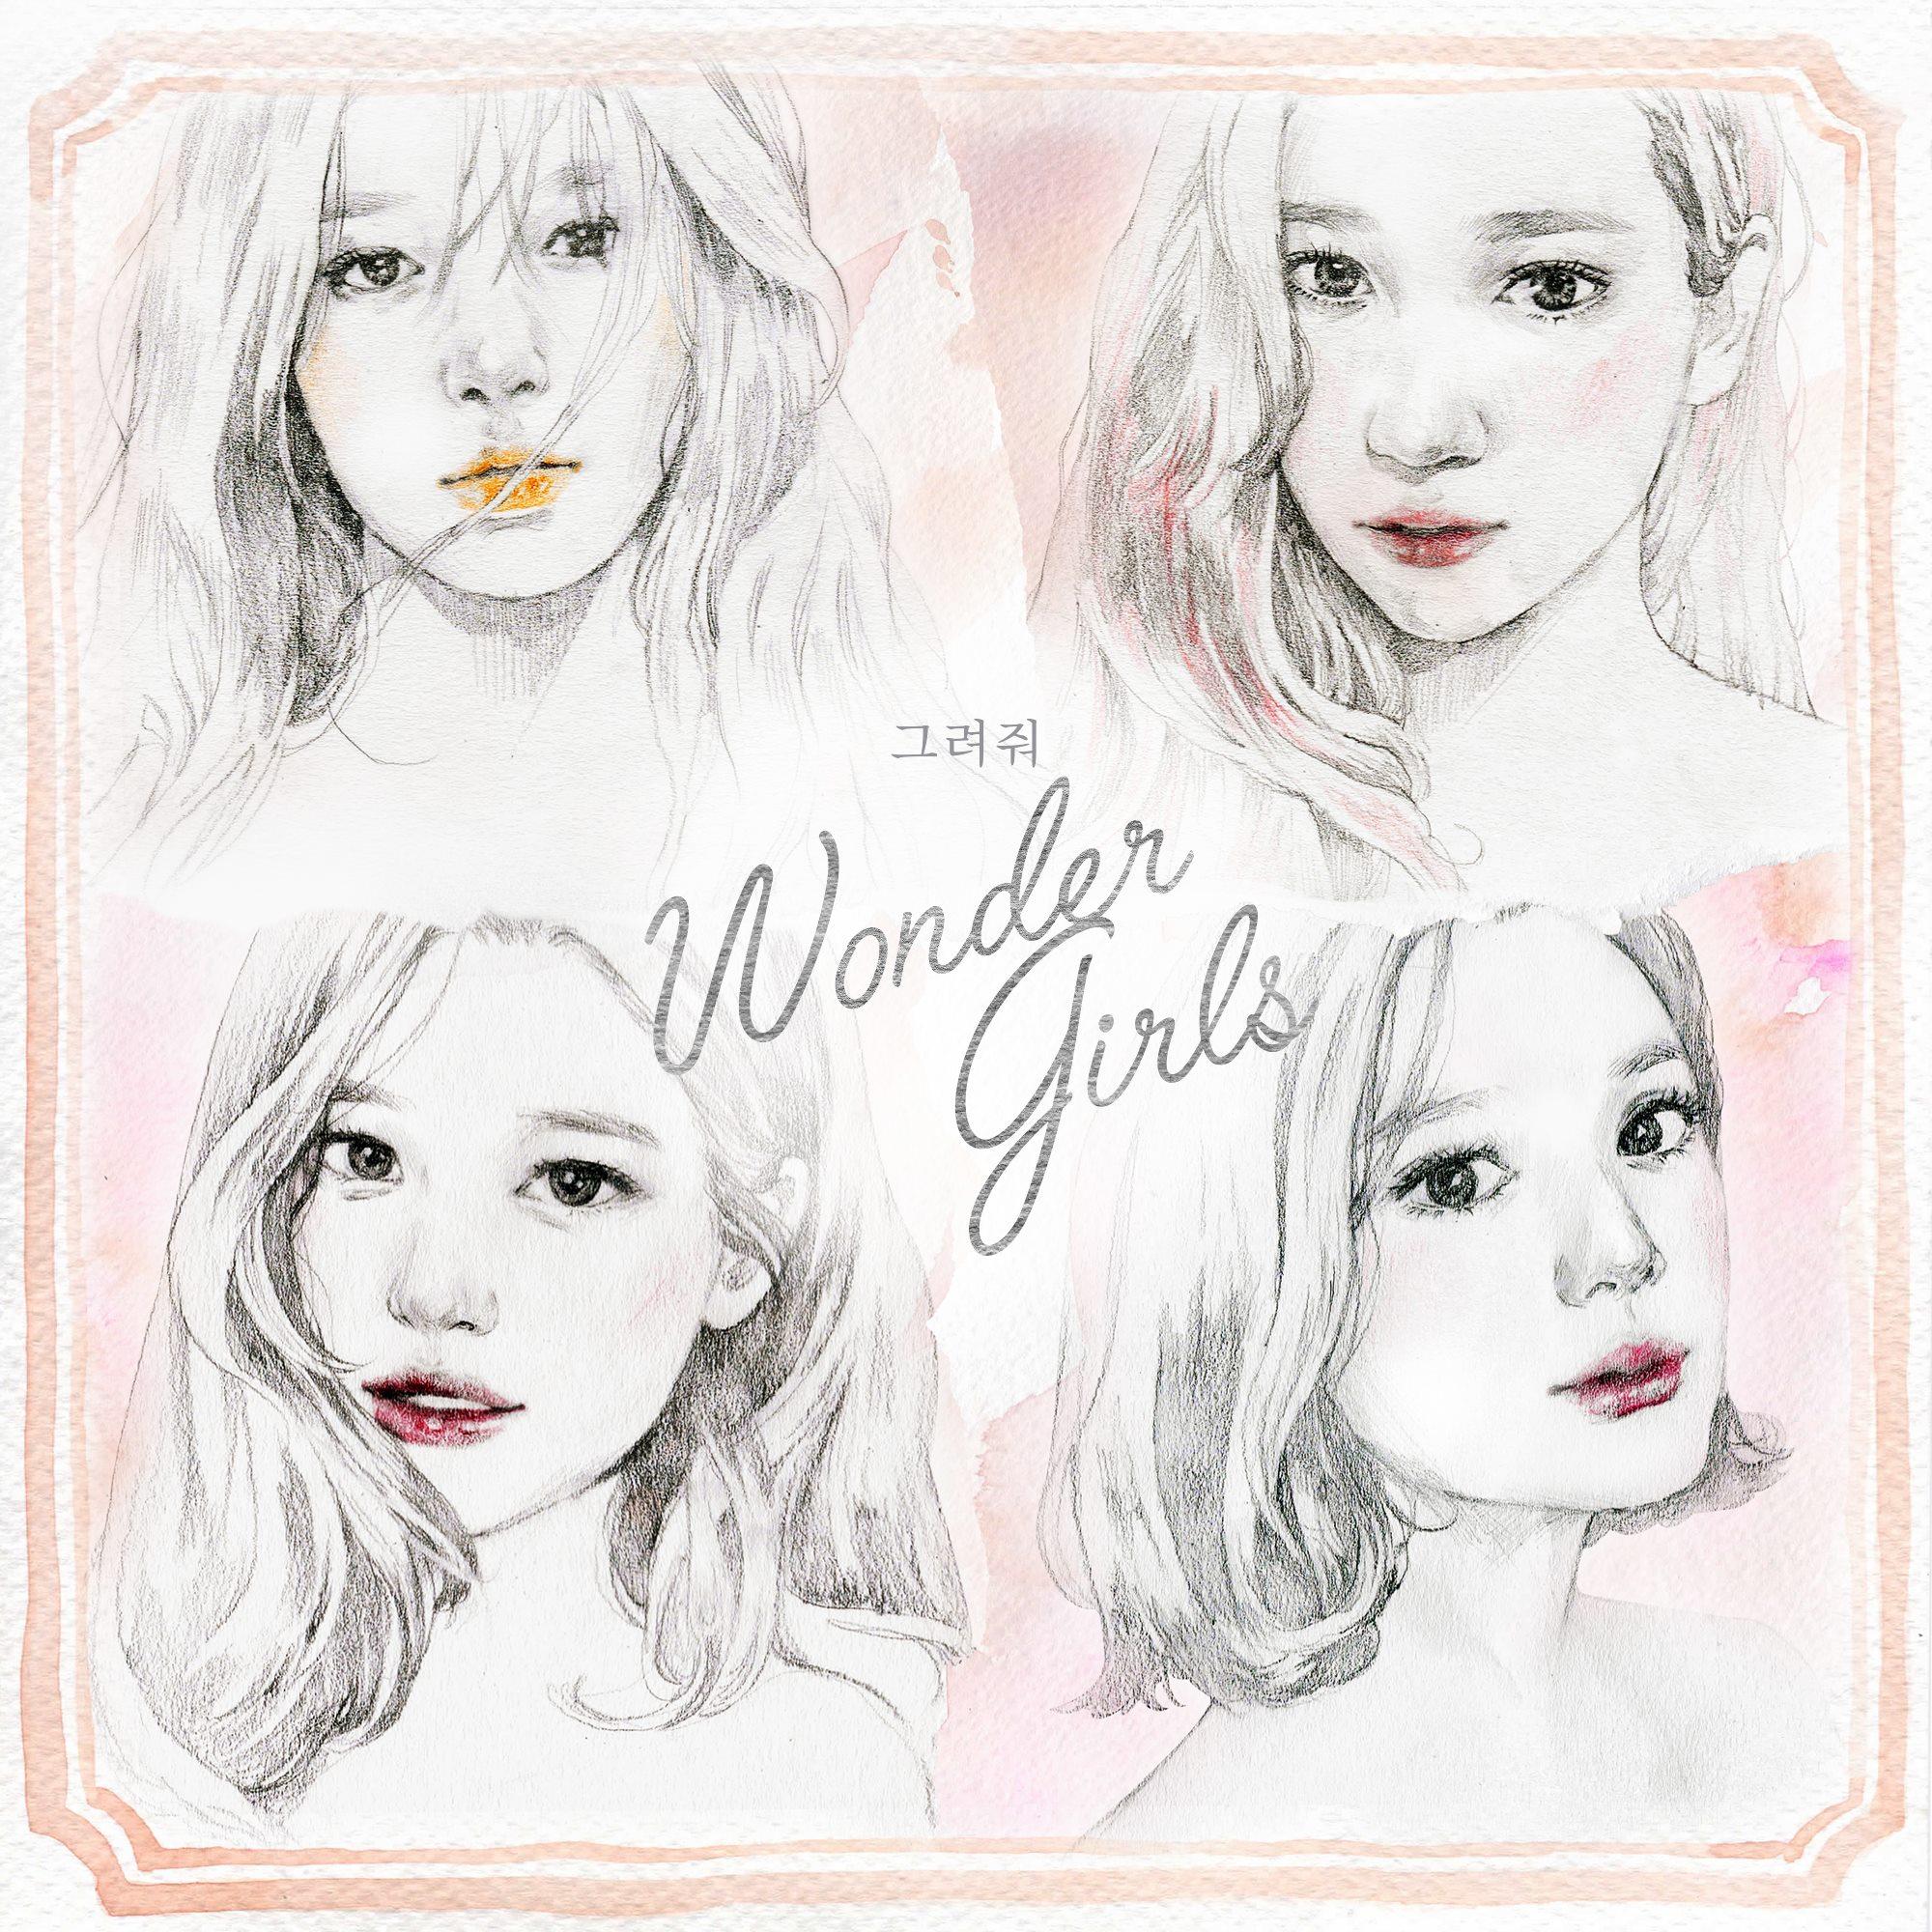 Source: Wonder Girls' Facebook Page